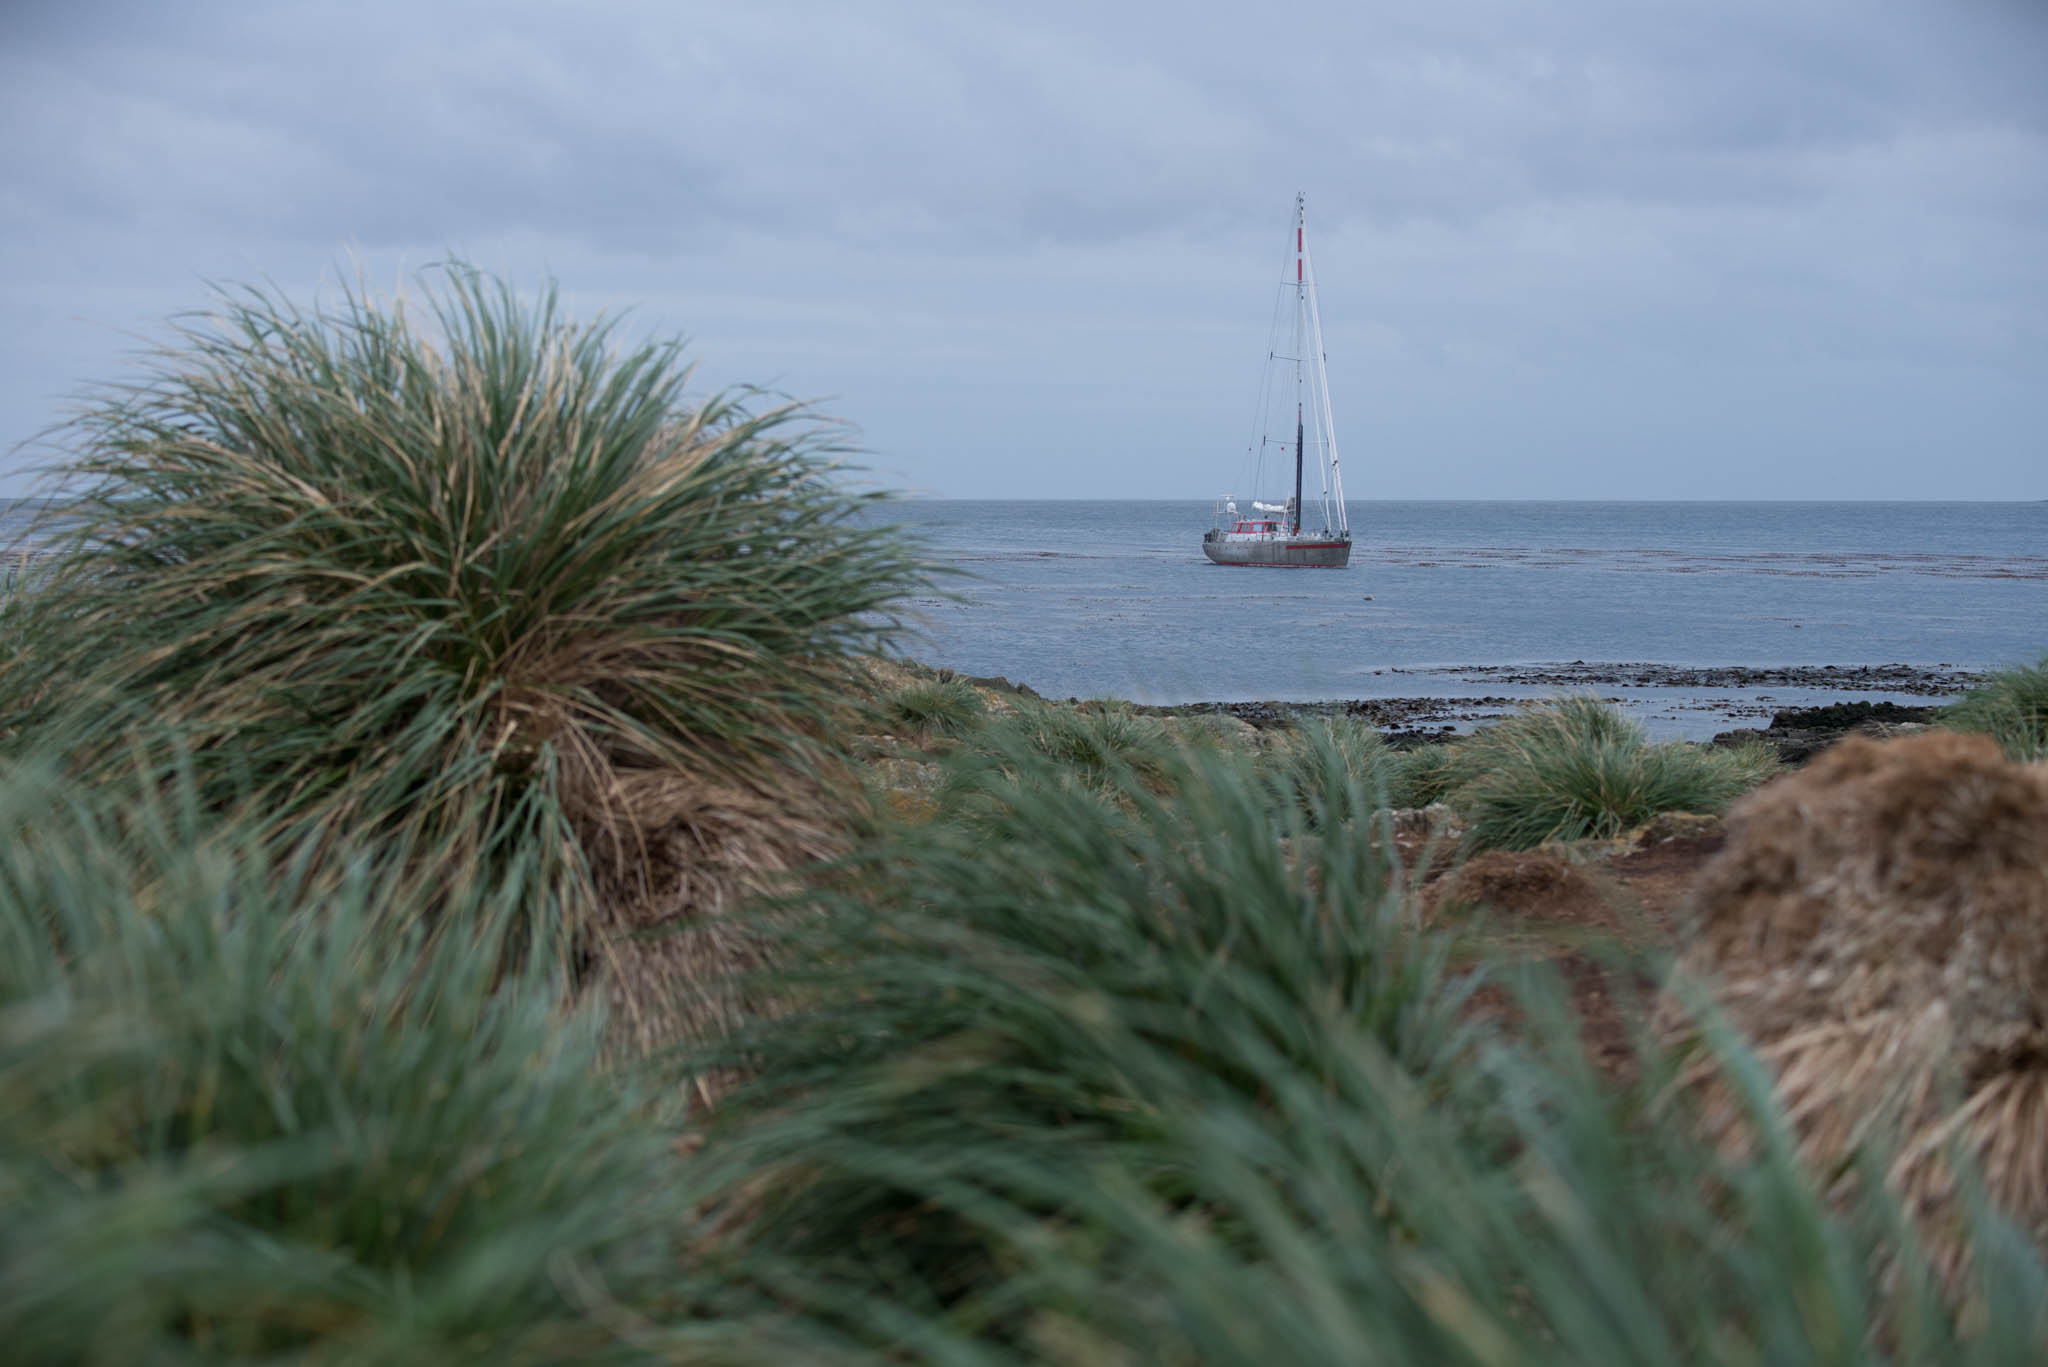 The Pelagic Australis at Steeple Jason